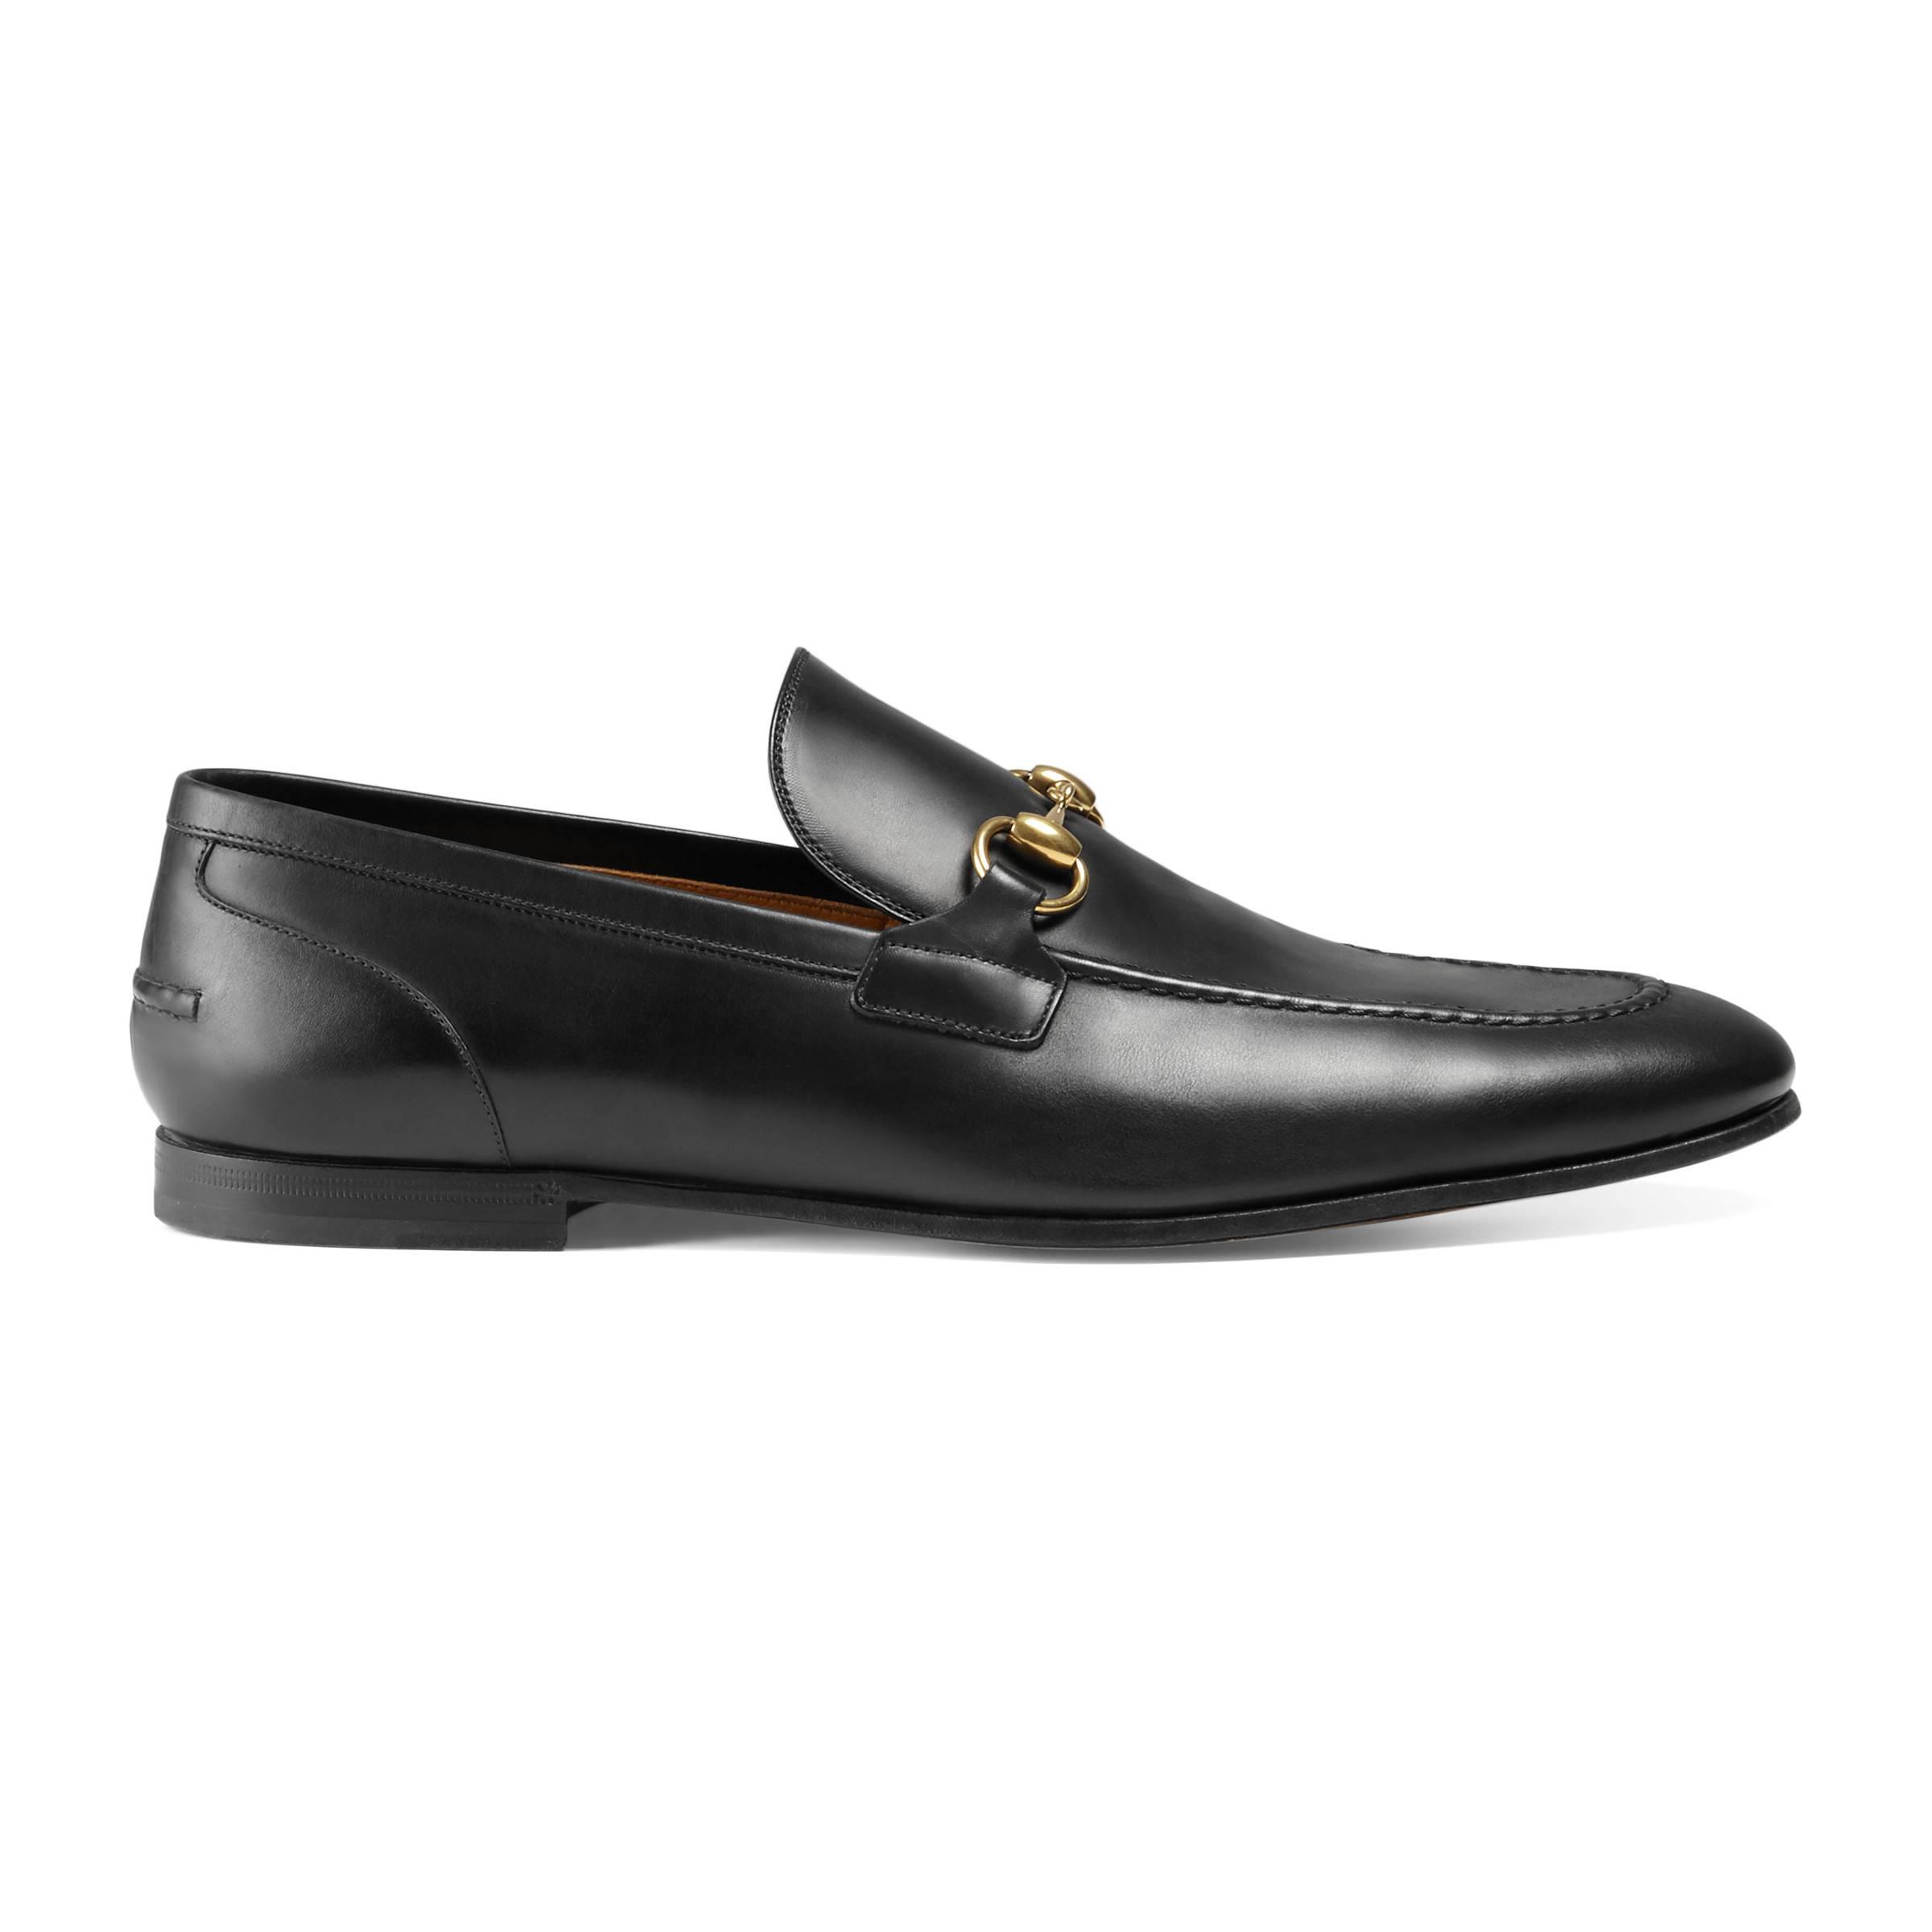 2b3ef258237 Gucci Jordaan Leather Loafer in Black for Men - Save 42% - Lyst